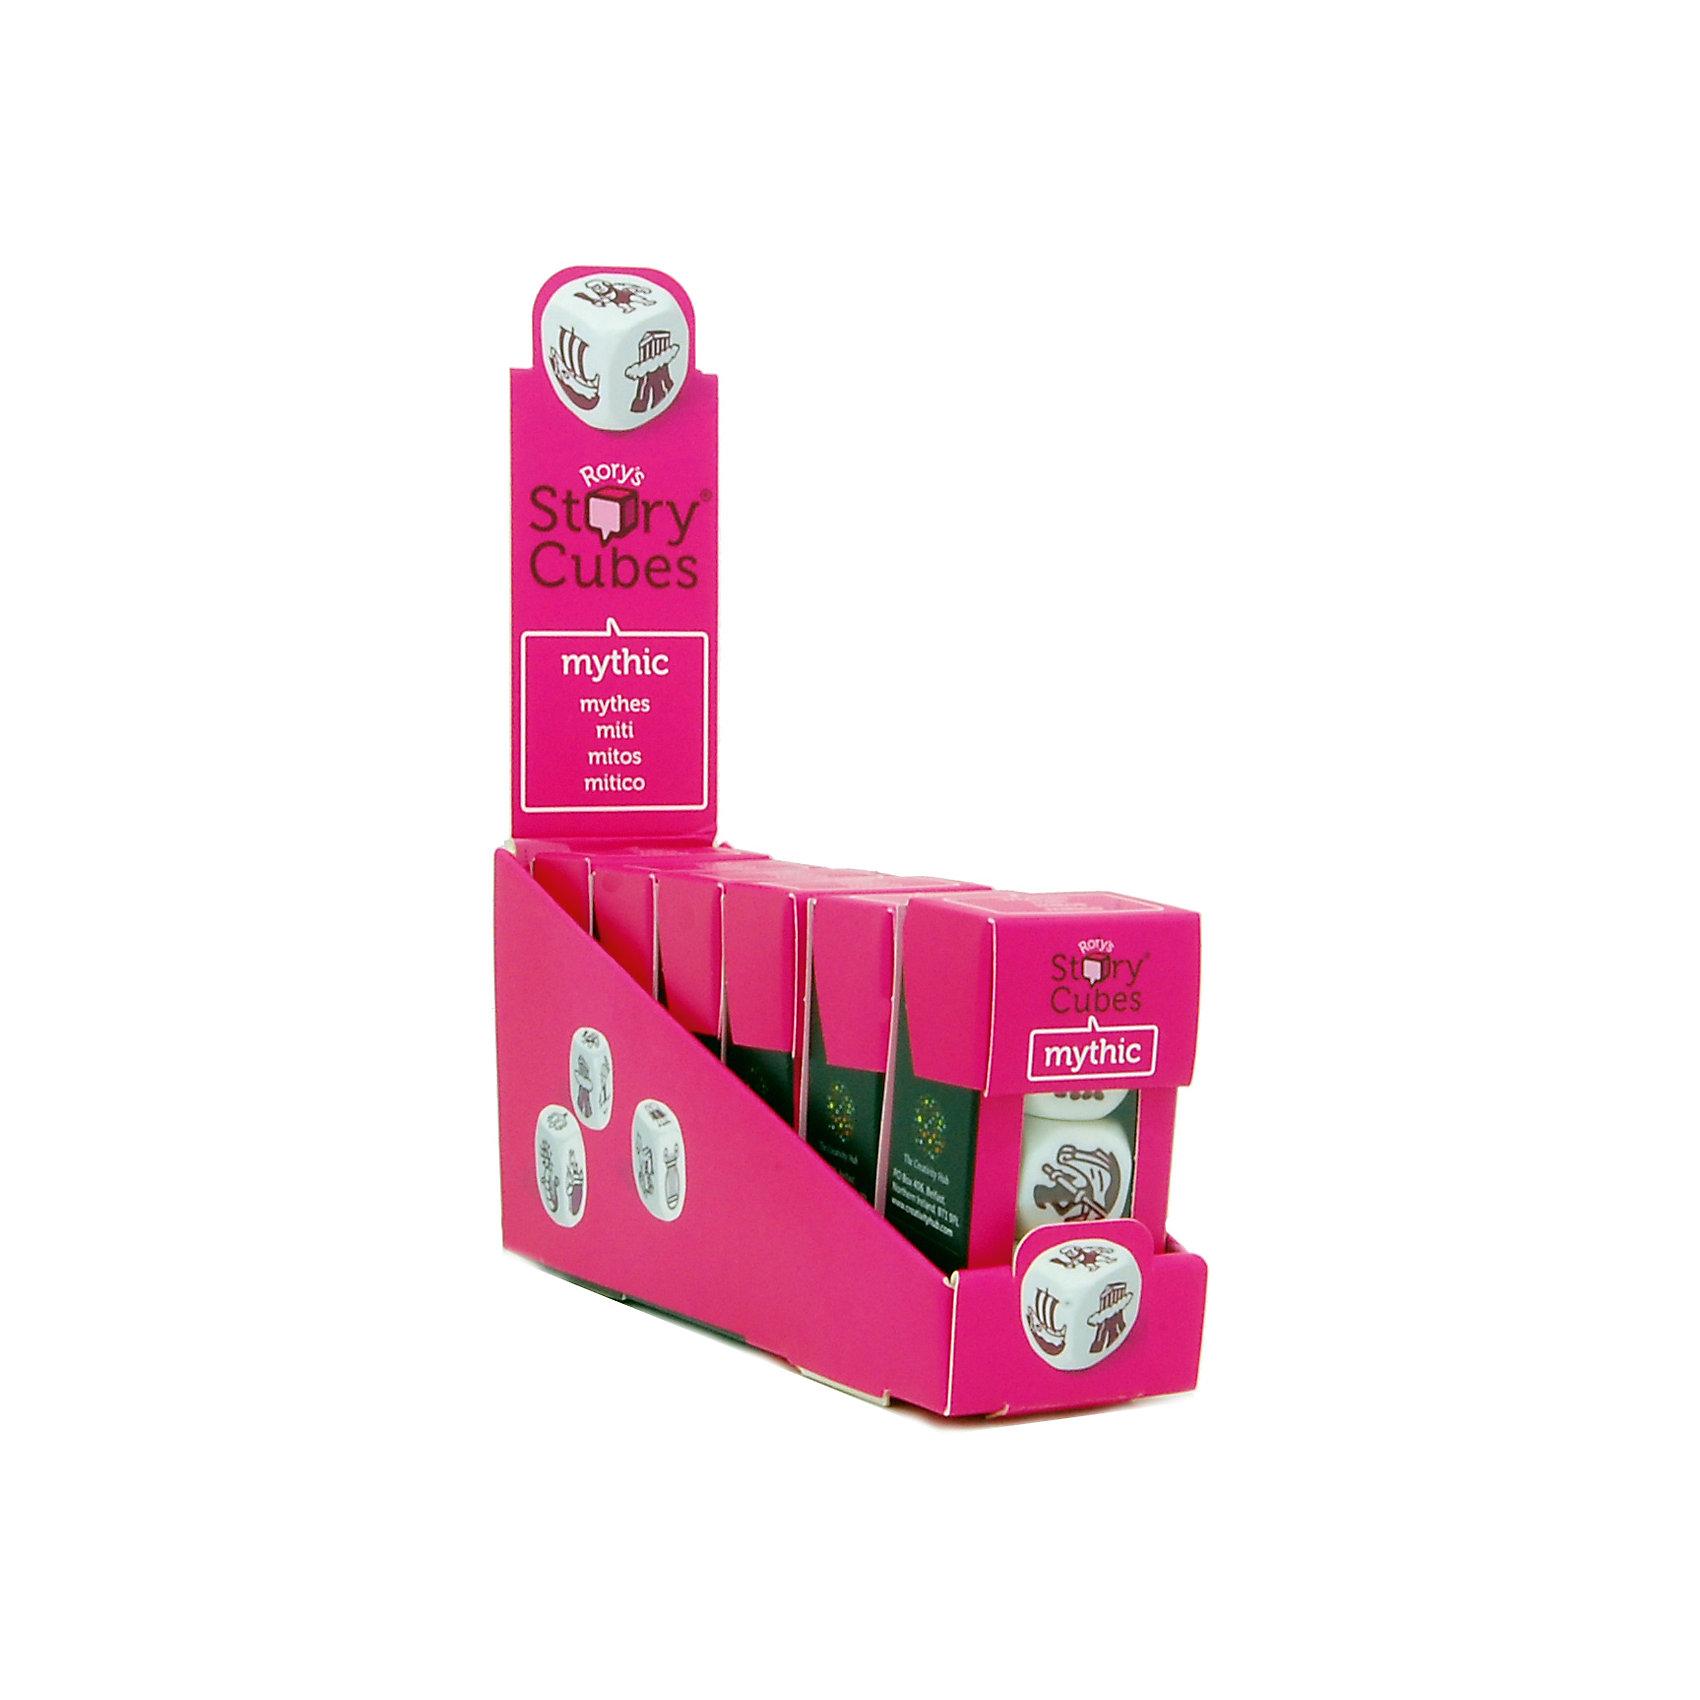 Настольная Игра Кубики Историй, доп. Набор Мифы (3 кубика)Игры в дорогу<br>Характеристики:<br><br>• возраст: от 6 лет;<br>• сложность игры: средний уровень;<br>• материал: картон, пластик;<br>• количество игроков: 2-6;<br>• время игры: 30 мин.;<br>• вес упаковки: 40 г.;<br>• тип упаковки: цветная картонная коробка;<br>• размер упаковки: 3х3,5х7 см.<br>  <br>Дополнительные кубики с картинками на тему «Мифы» сделают рассказывание историй еще более интересным. На картинках этой версии Кубиков Историй - мифы и легенды, знаменитые герои и красочные истории Древней Греции.<br><br>3 кубика набора «Мифы» нужно добавить в основной набор Кубиков Историй, убрав при этом 3 других кубика. Либо, можно собрать свой собственный набор из 9 кубиков, состоящий из 3 мини-наборов.<br><br>Кубики Историй помогают развитию речи, учат формулировать мысли и продумывать структуру рассказа.        <br> <br> В комплекте: <br>• 3 кубика;<br>• картонная коробочка-контейнер.      <br><br>Настольную игру «Кубики Историй. Дополнительный набор «Мифы» (3 кубика)» можно приобрести в нашем интернет-магазине.<br><br>Ширина мм: 35<br>Глубина мм: 30<br>Высота мм: 75<br>Вес г: 50<br>Возраст от месяцев: 72<br>Возраст до месяцев: 2147483647<br>Пол: Унисекс<br>Возраст: Детский<br>SKU: 7029016